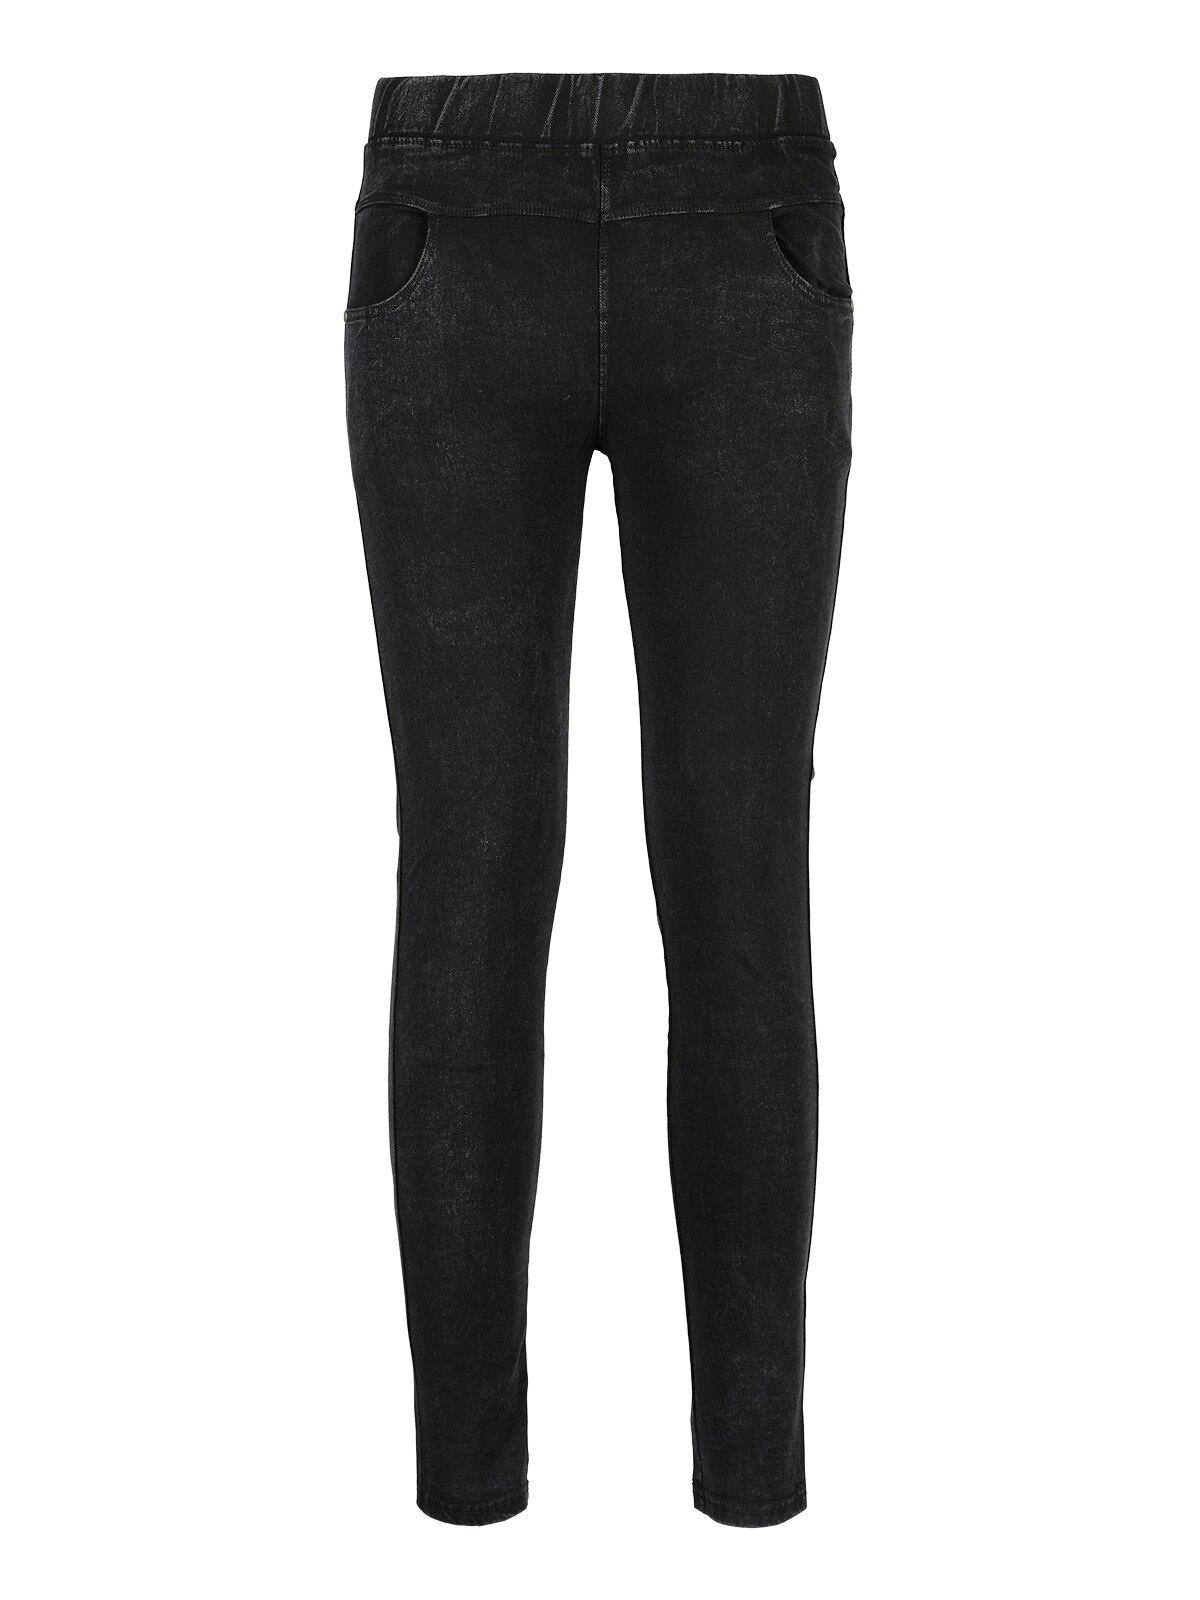 SOLADA Skinny Jeans Legging